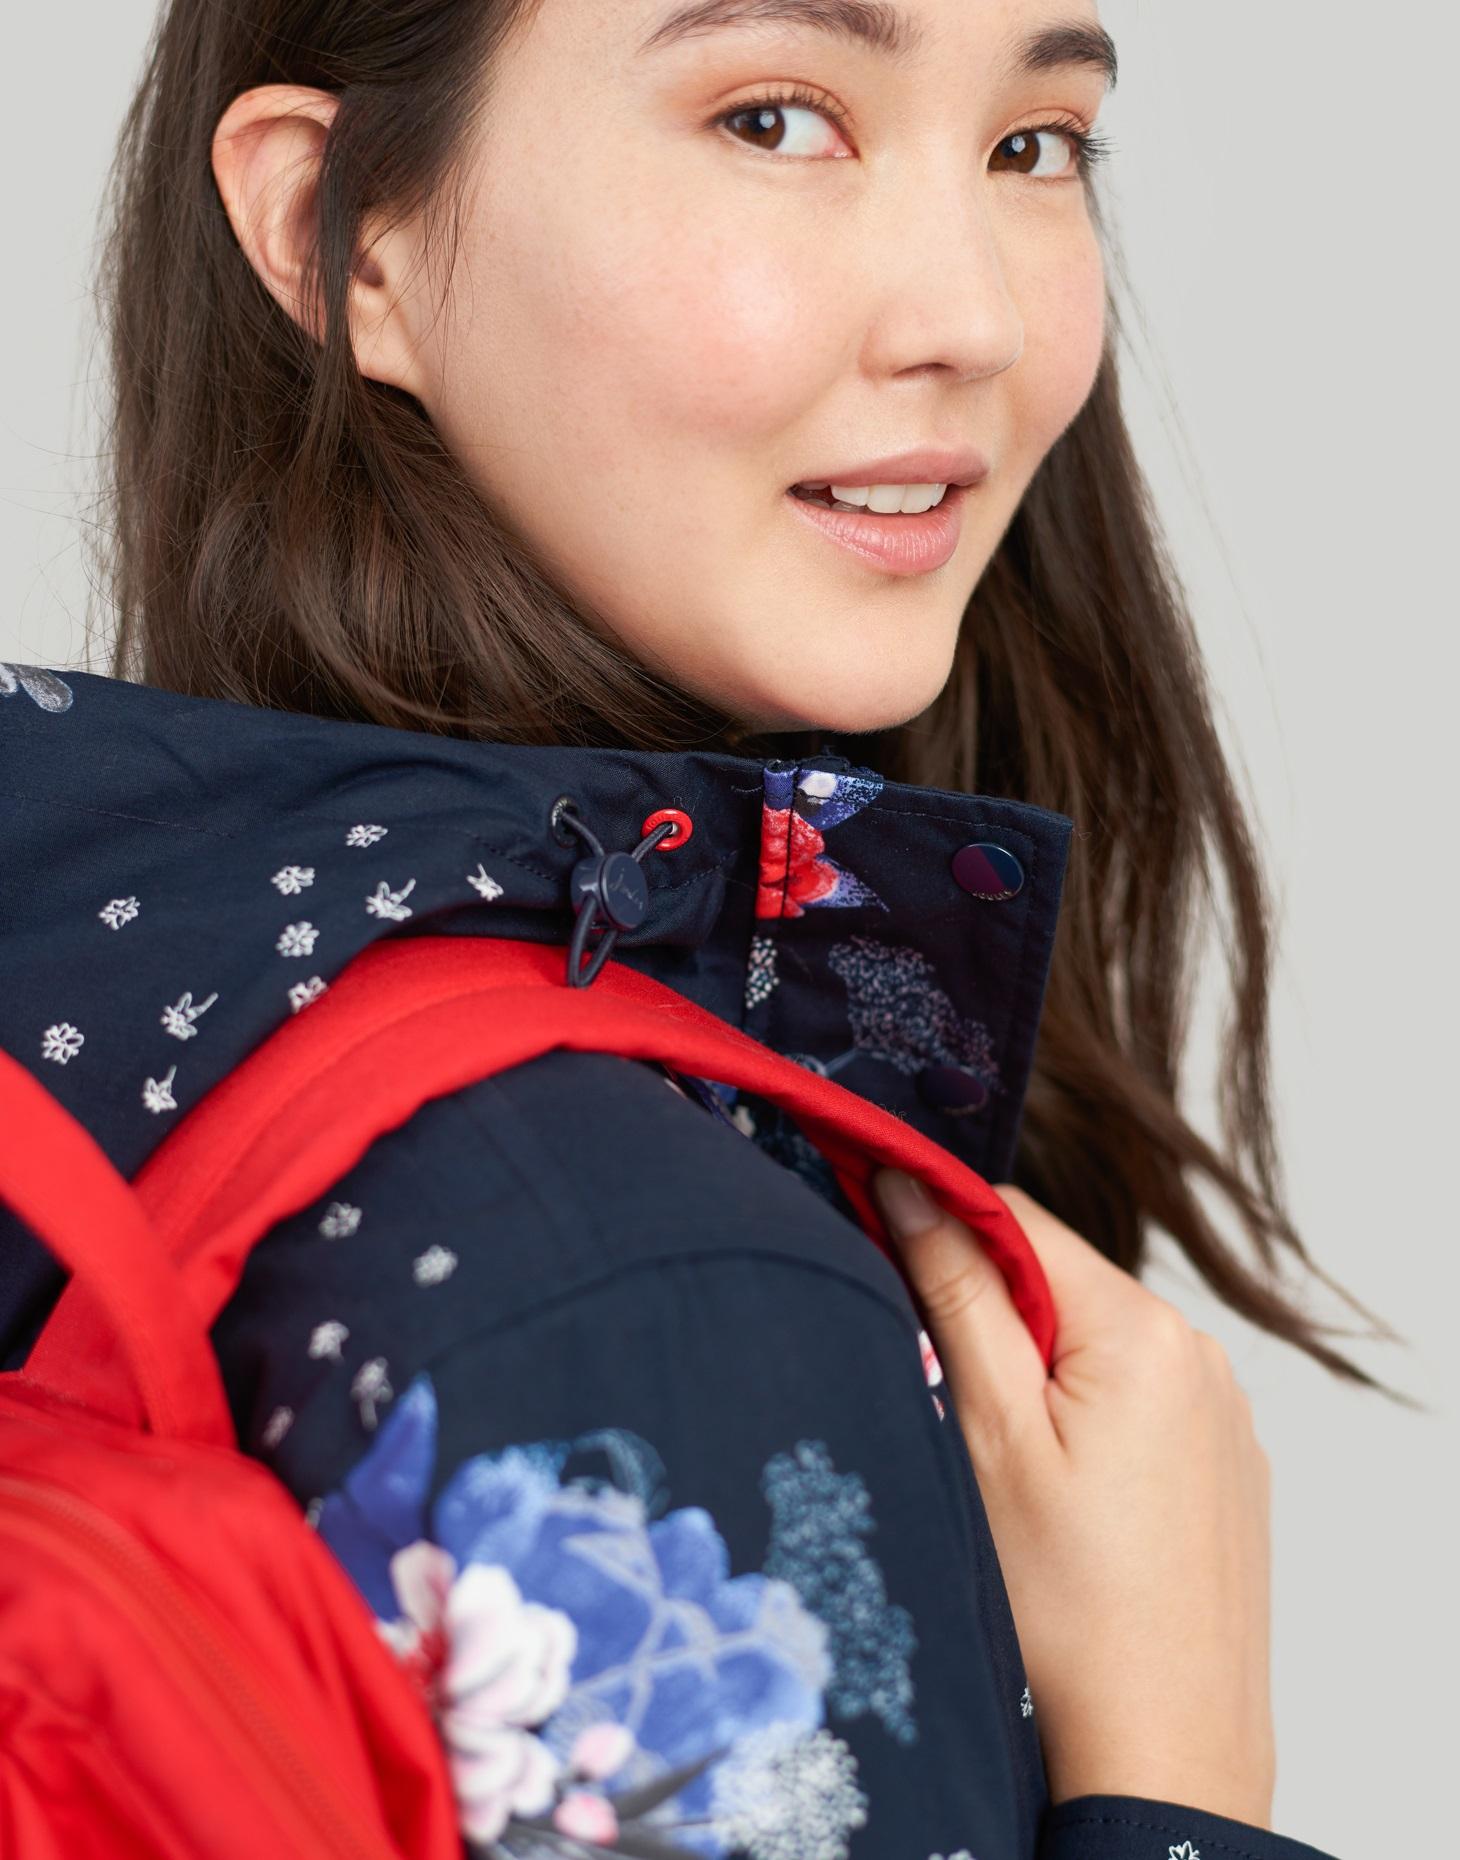 Joules Womens Raine Waterproof Jacket in NAVY FLORAL